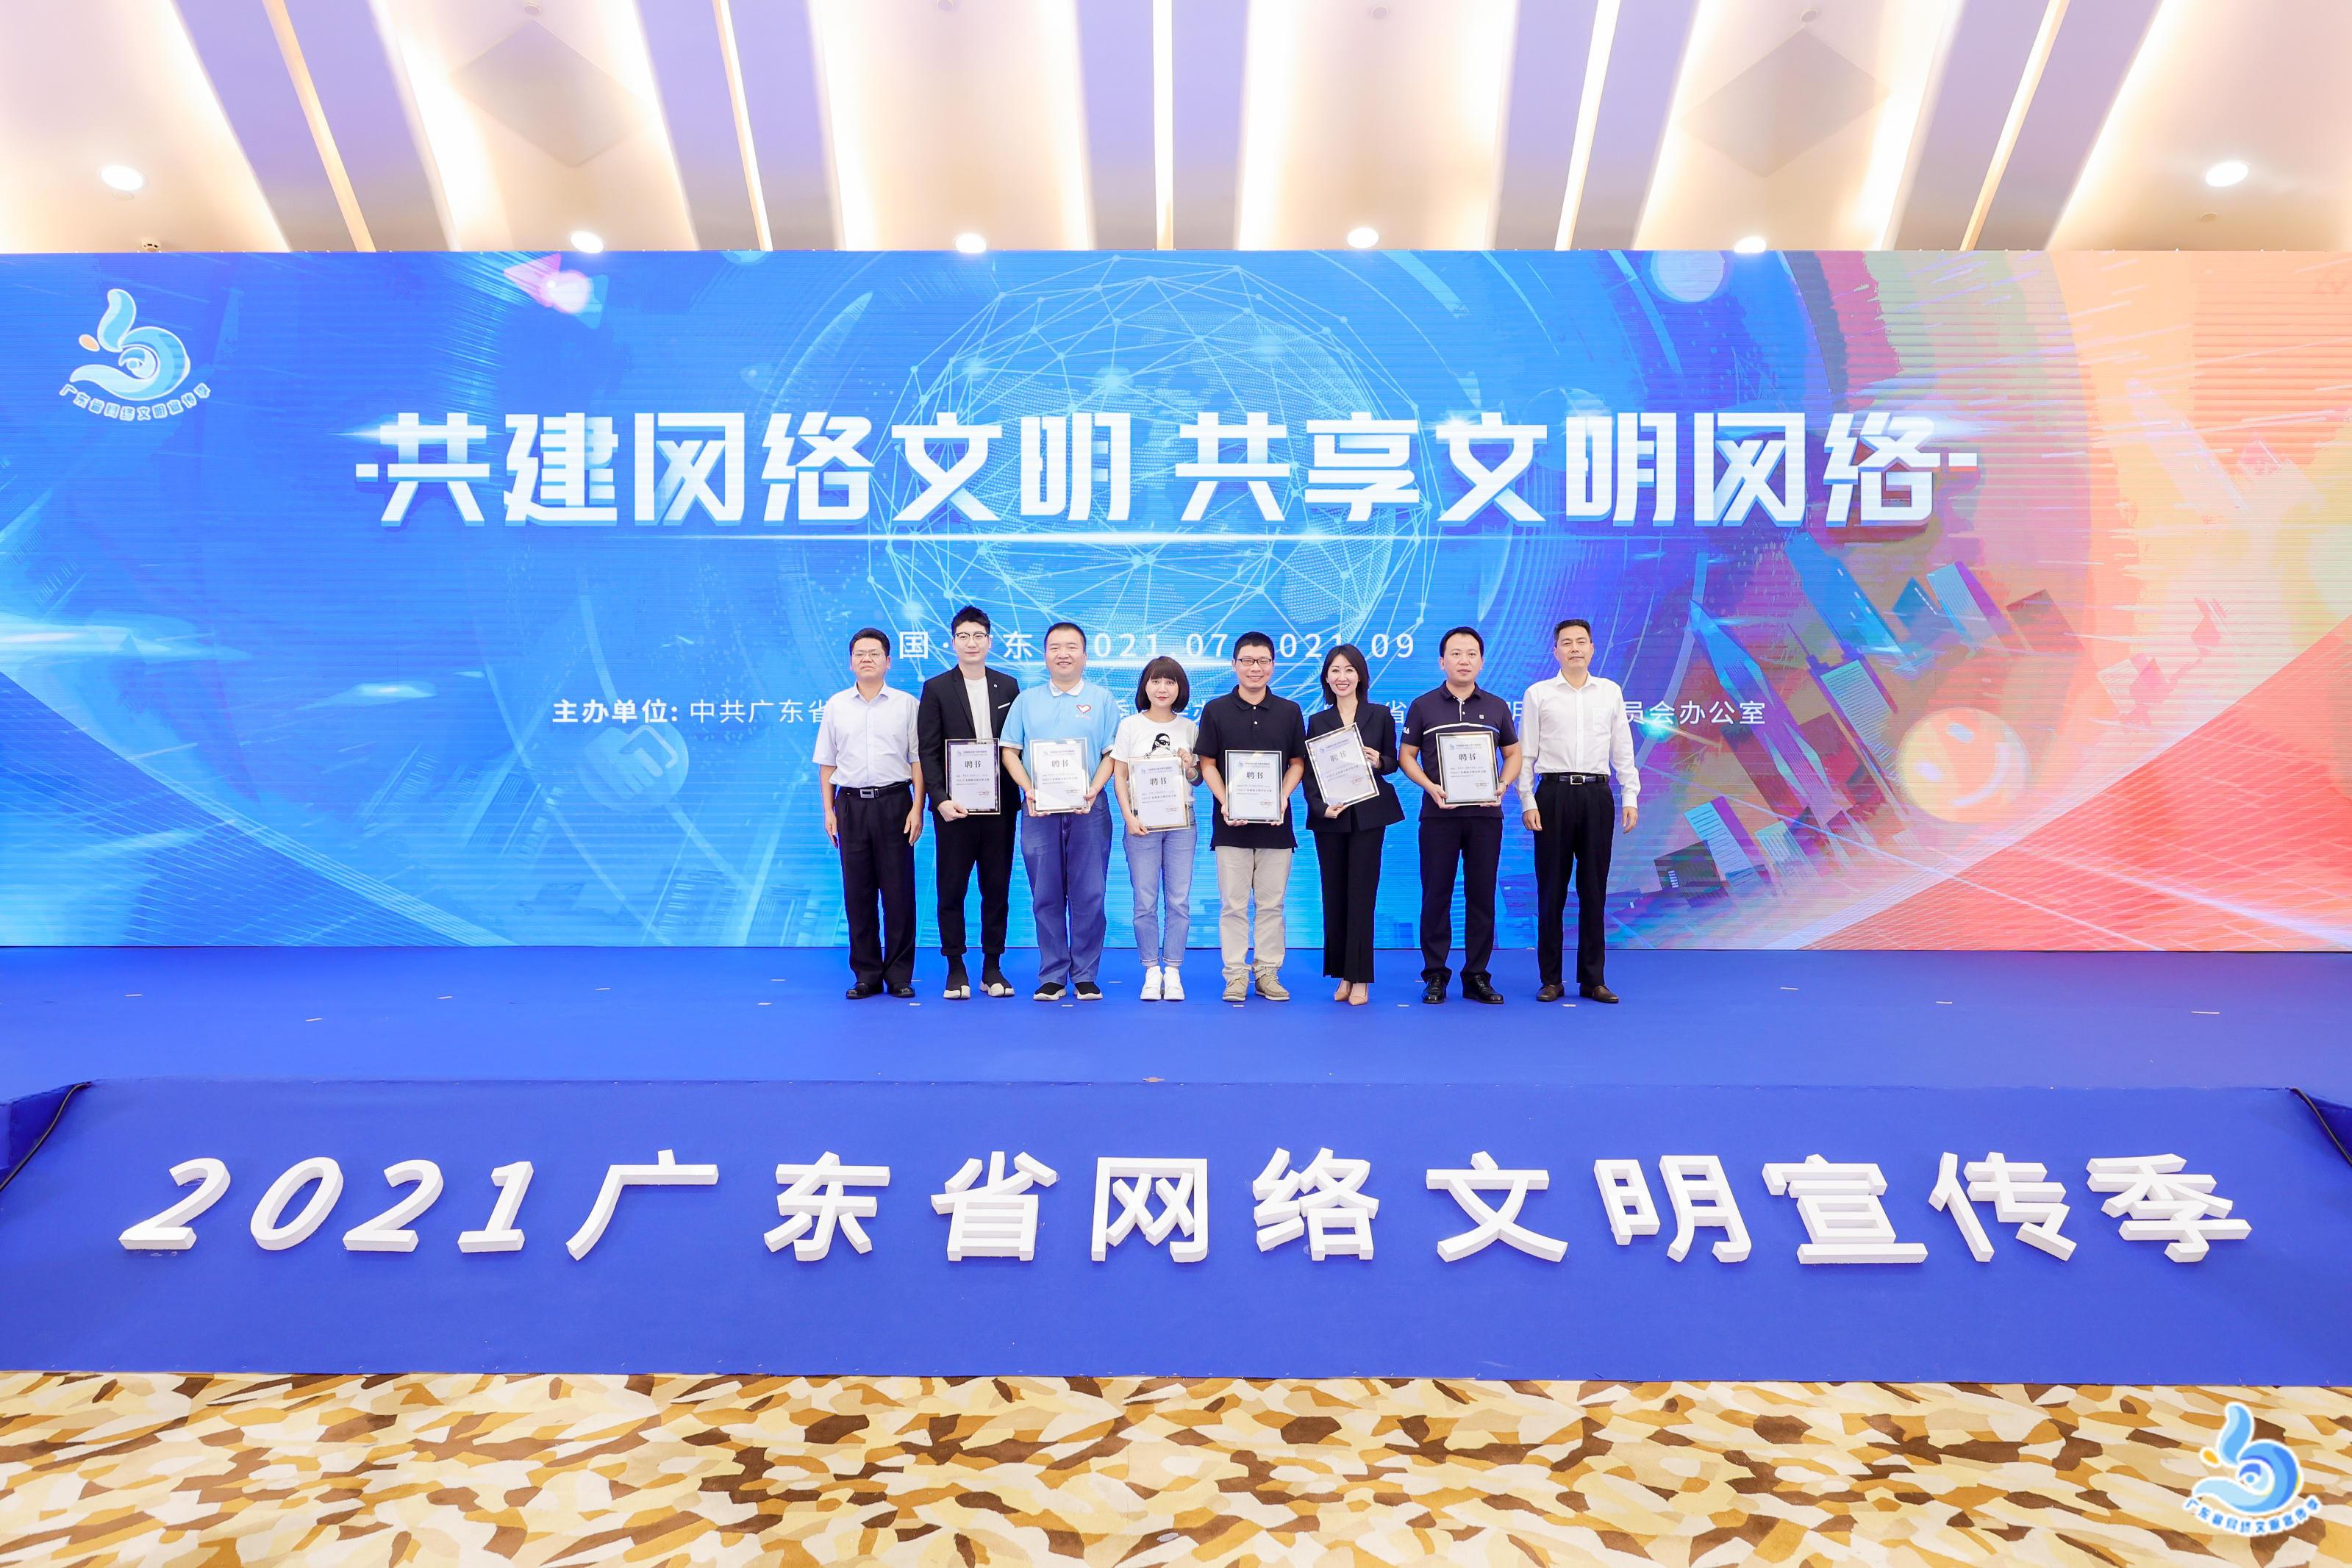 颁发广东省网络文明宣传大使聘书。